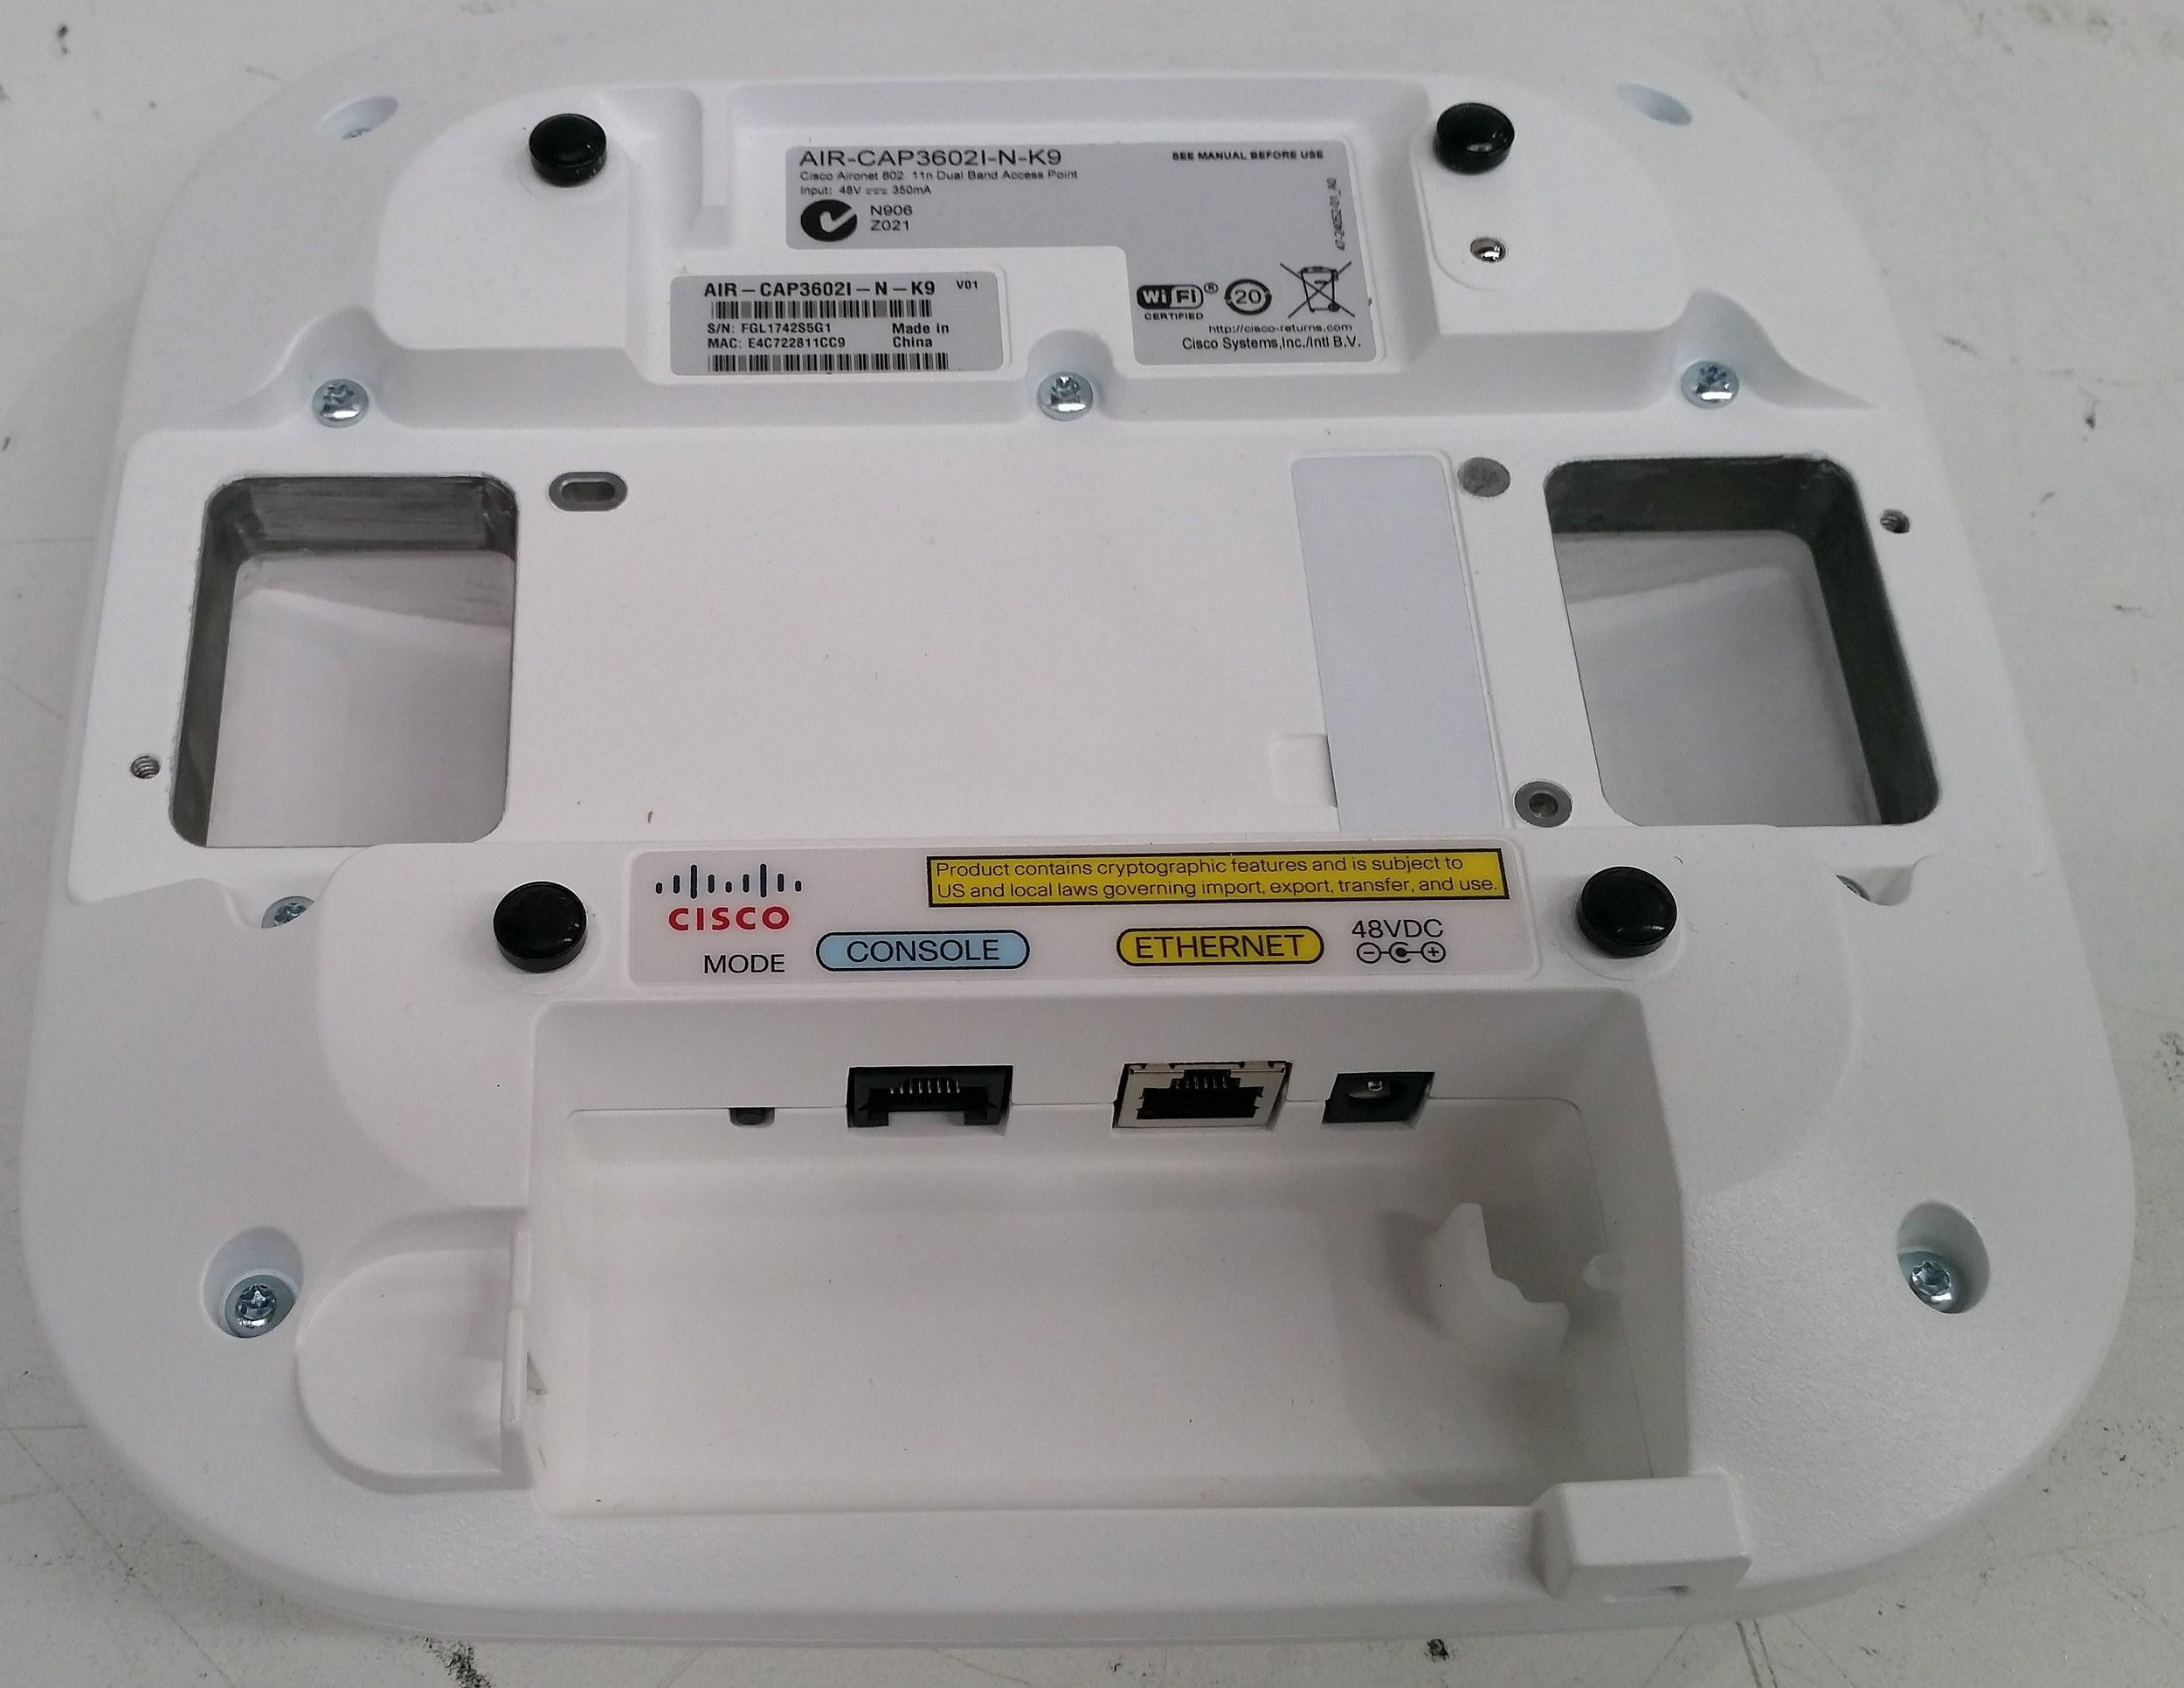 Cisco Aironet (AIR-CAP3602I-N-K9) 802 11n Dual Band Access Point - Lot of 27